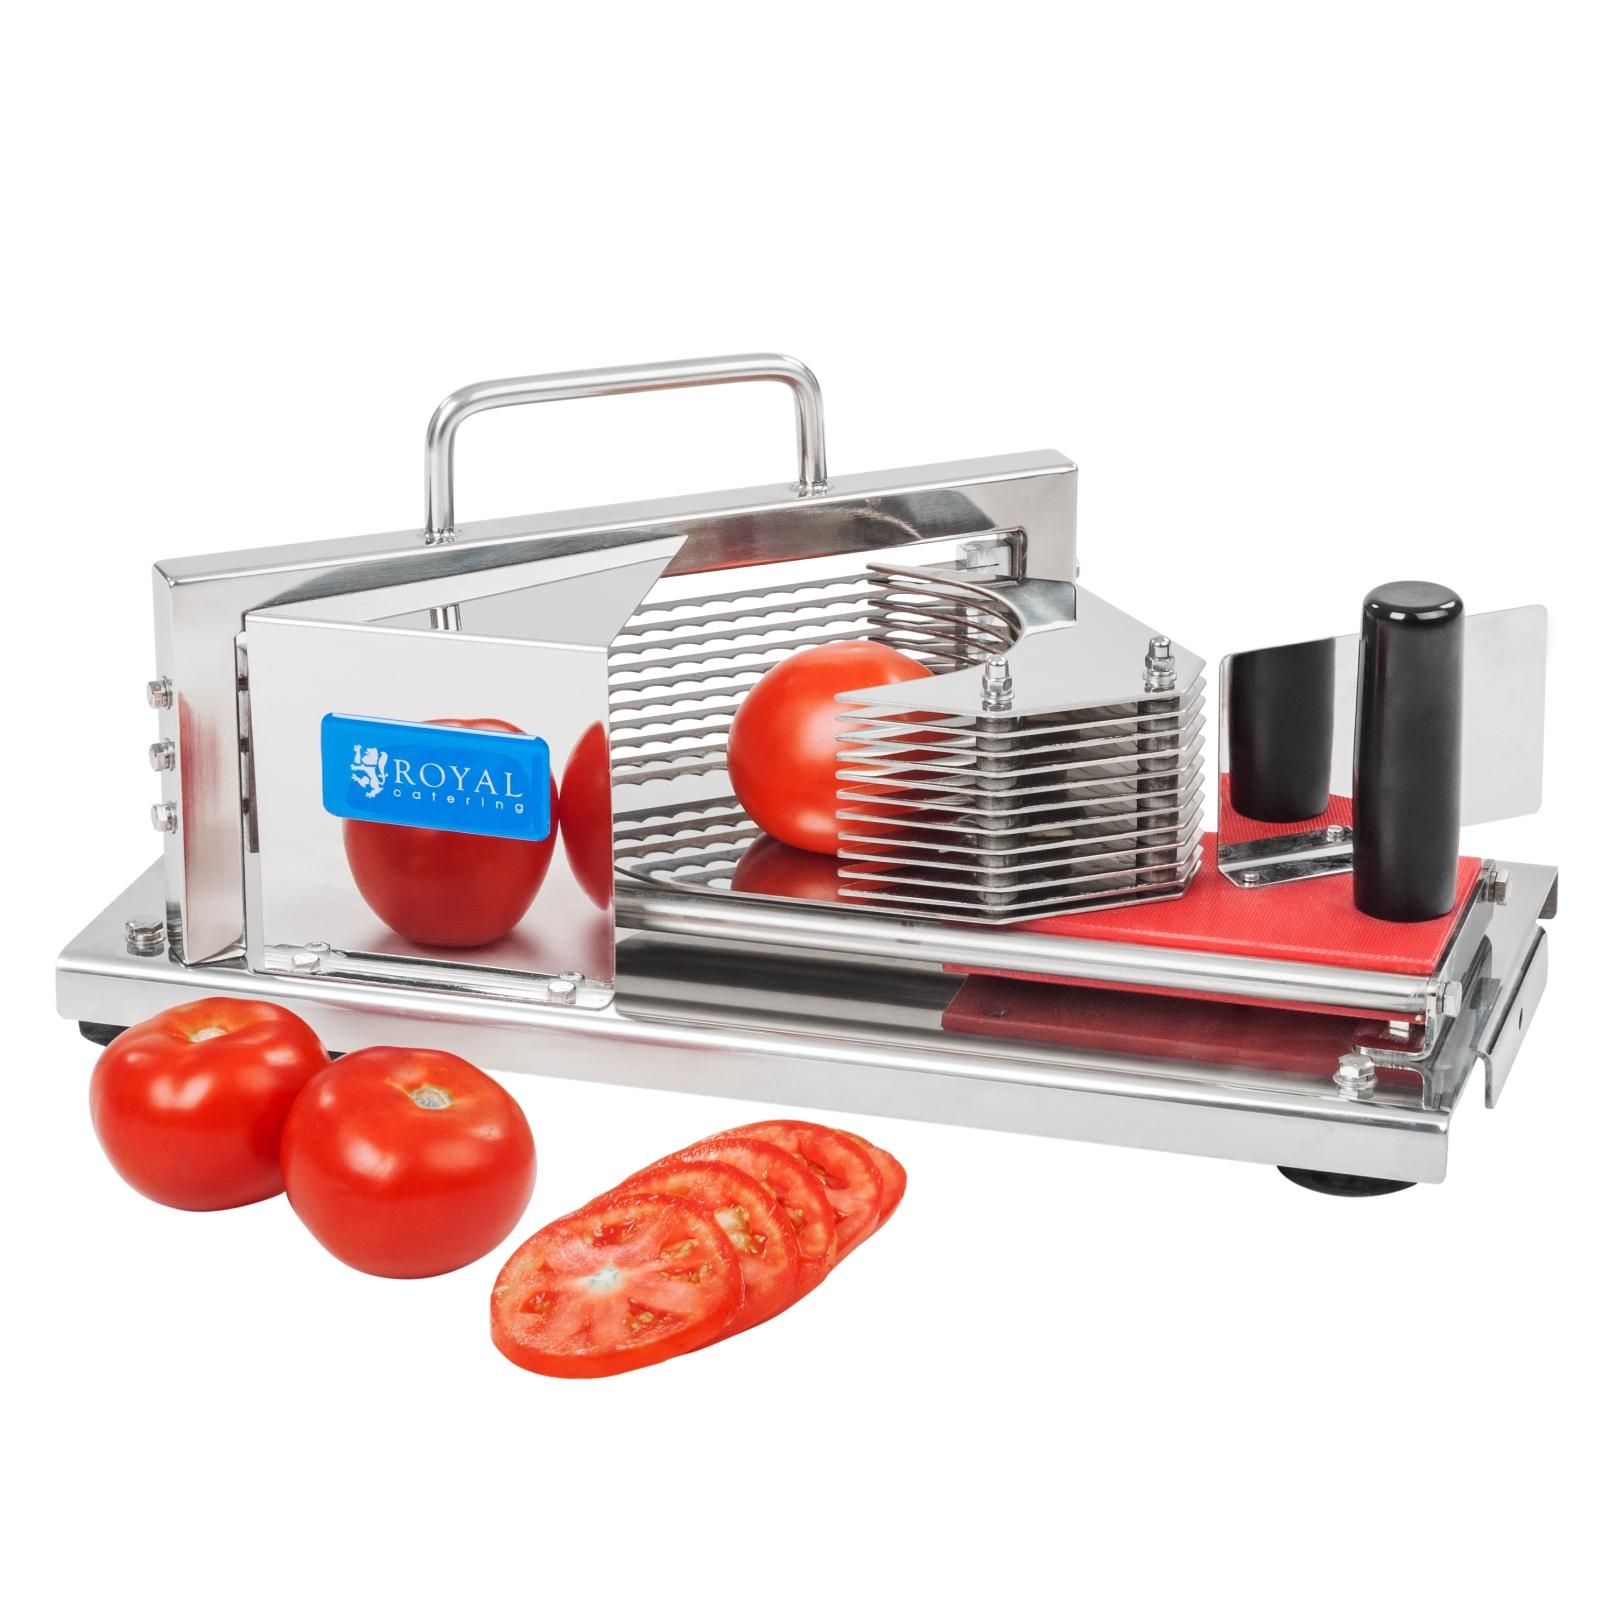 Krájač pre paradajky pre gastronómiu v inox